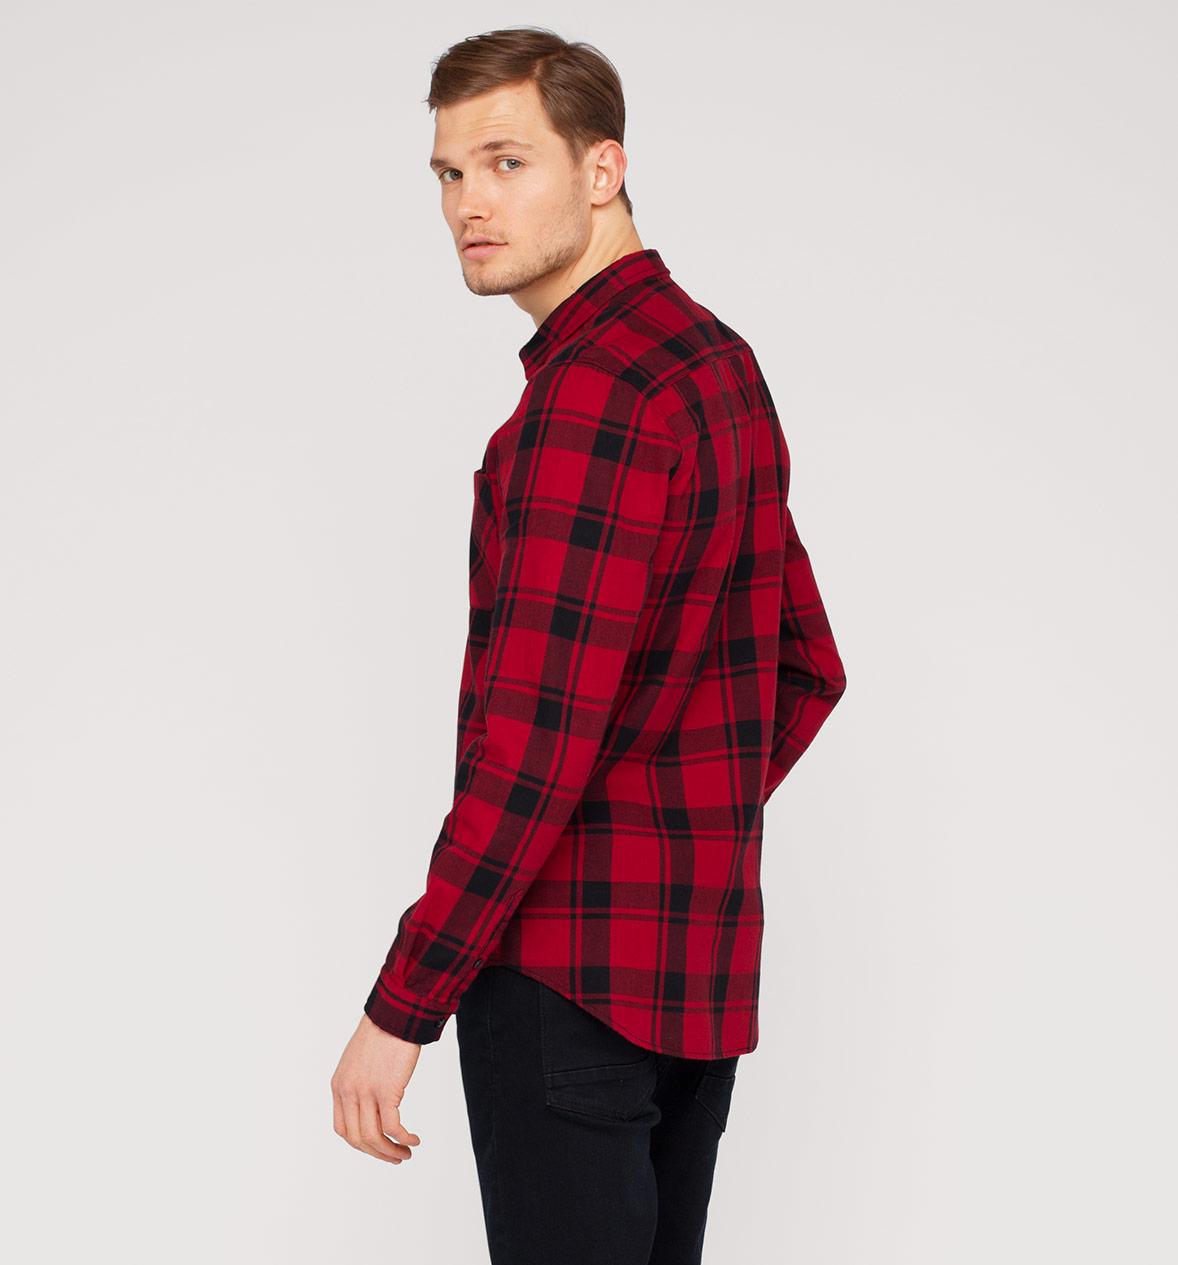 b6baa43f6ba78 camisetas hombre moda 2016